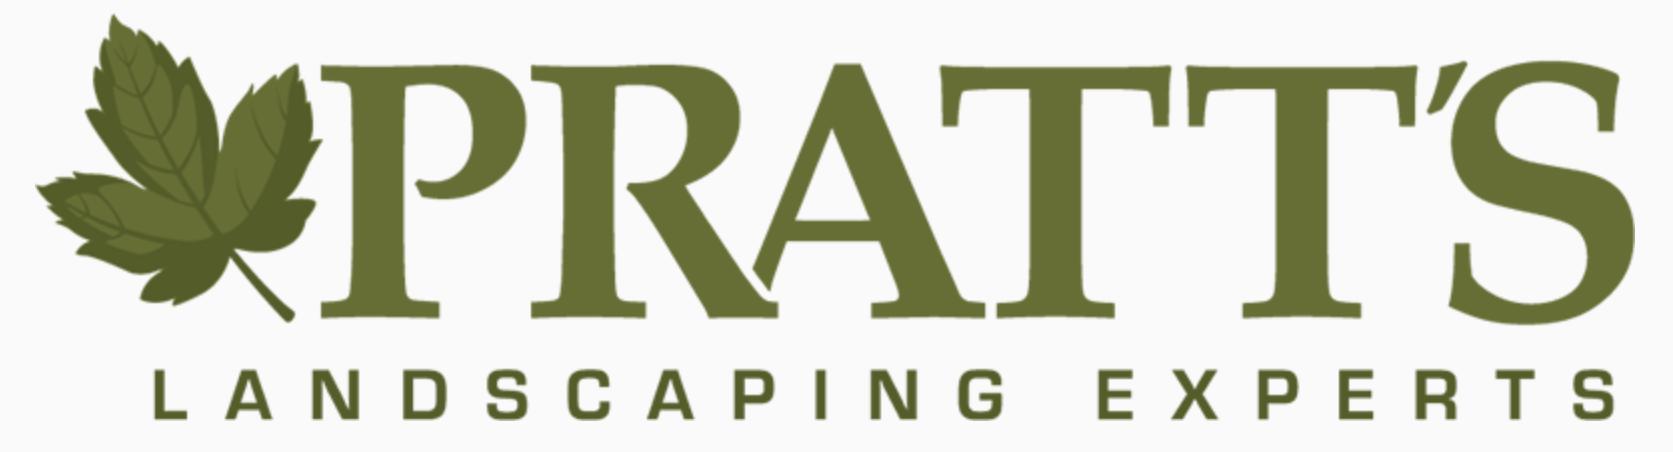 Pratt's Landscaping (September 2018)